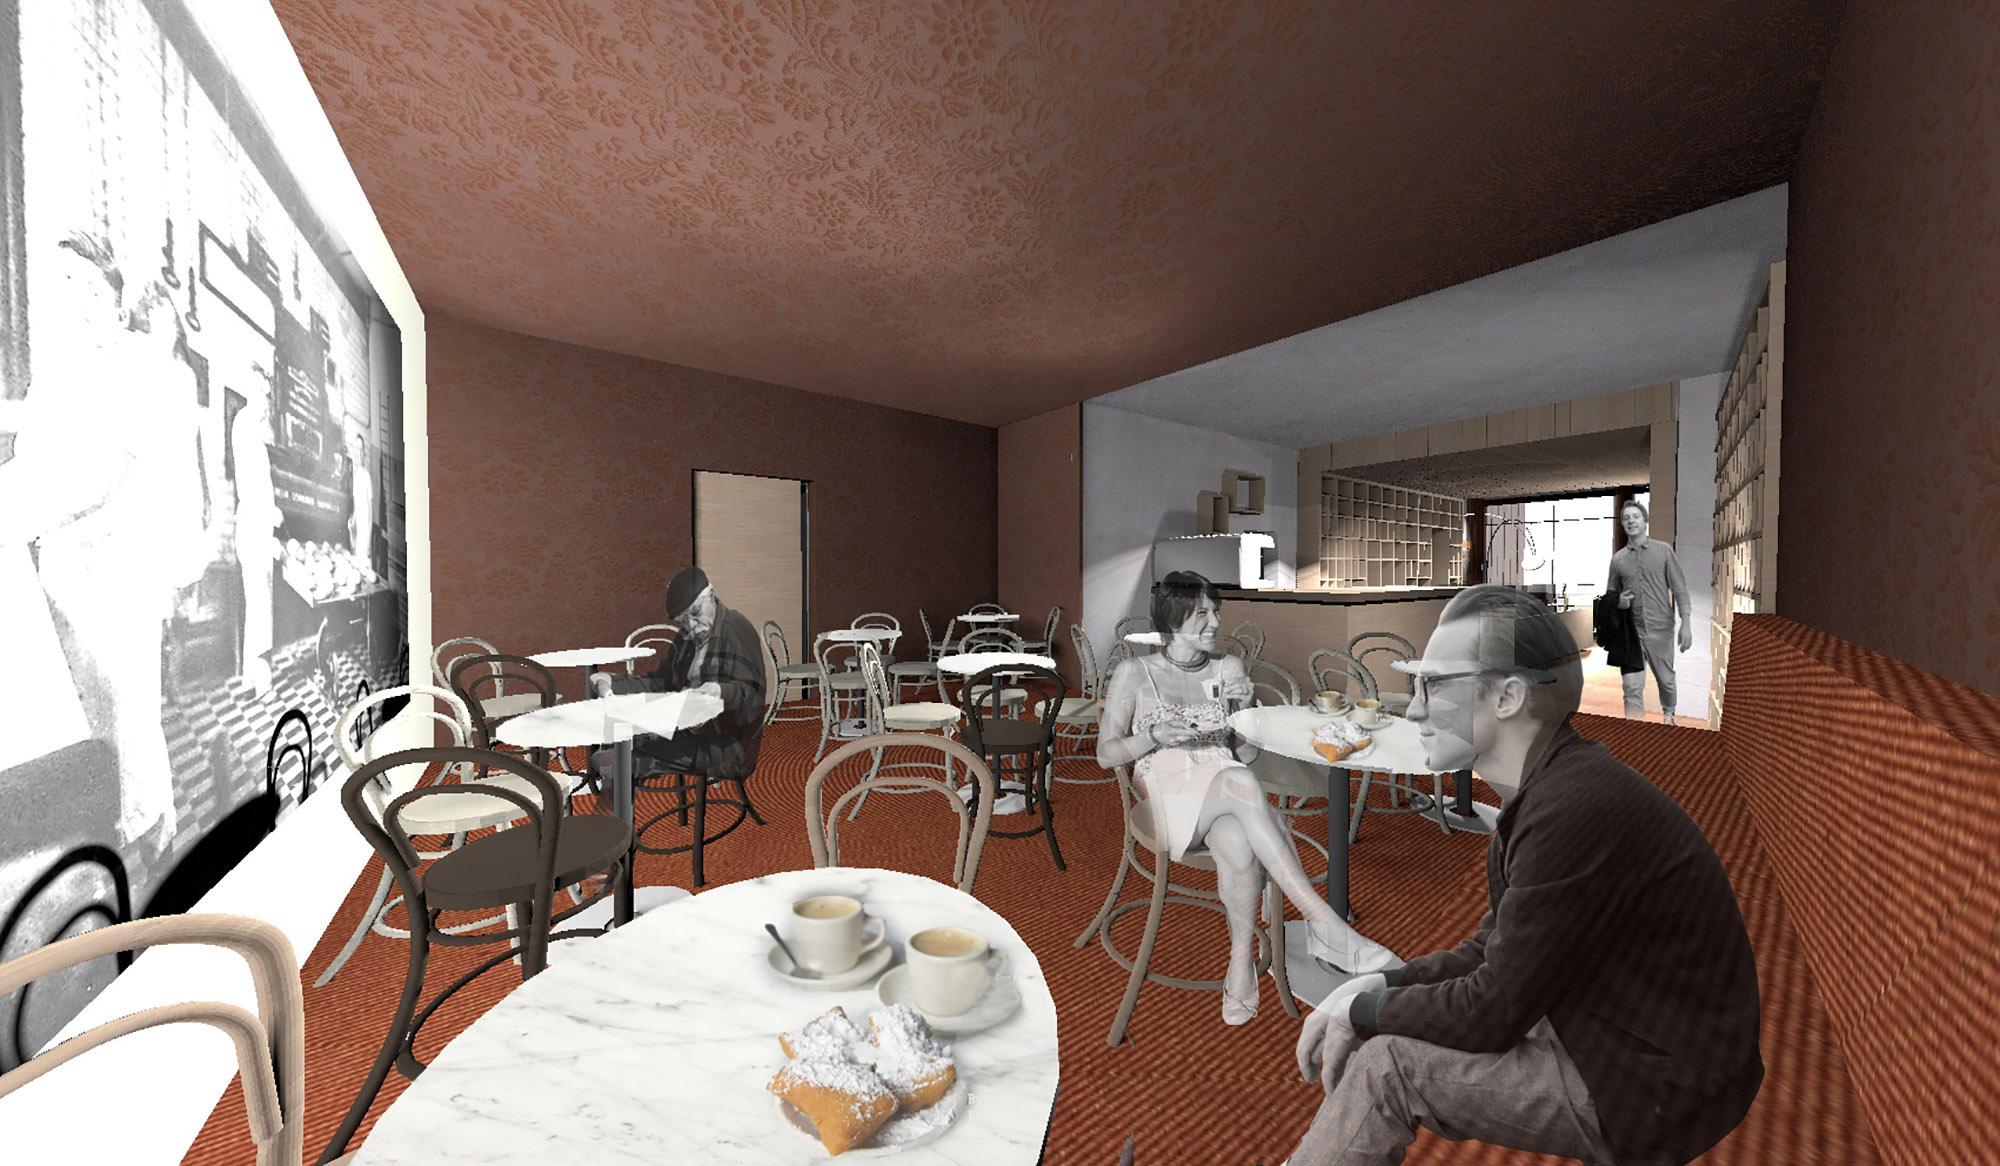 rendering - Wiener Kaffeehaus Lounge }